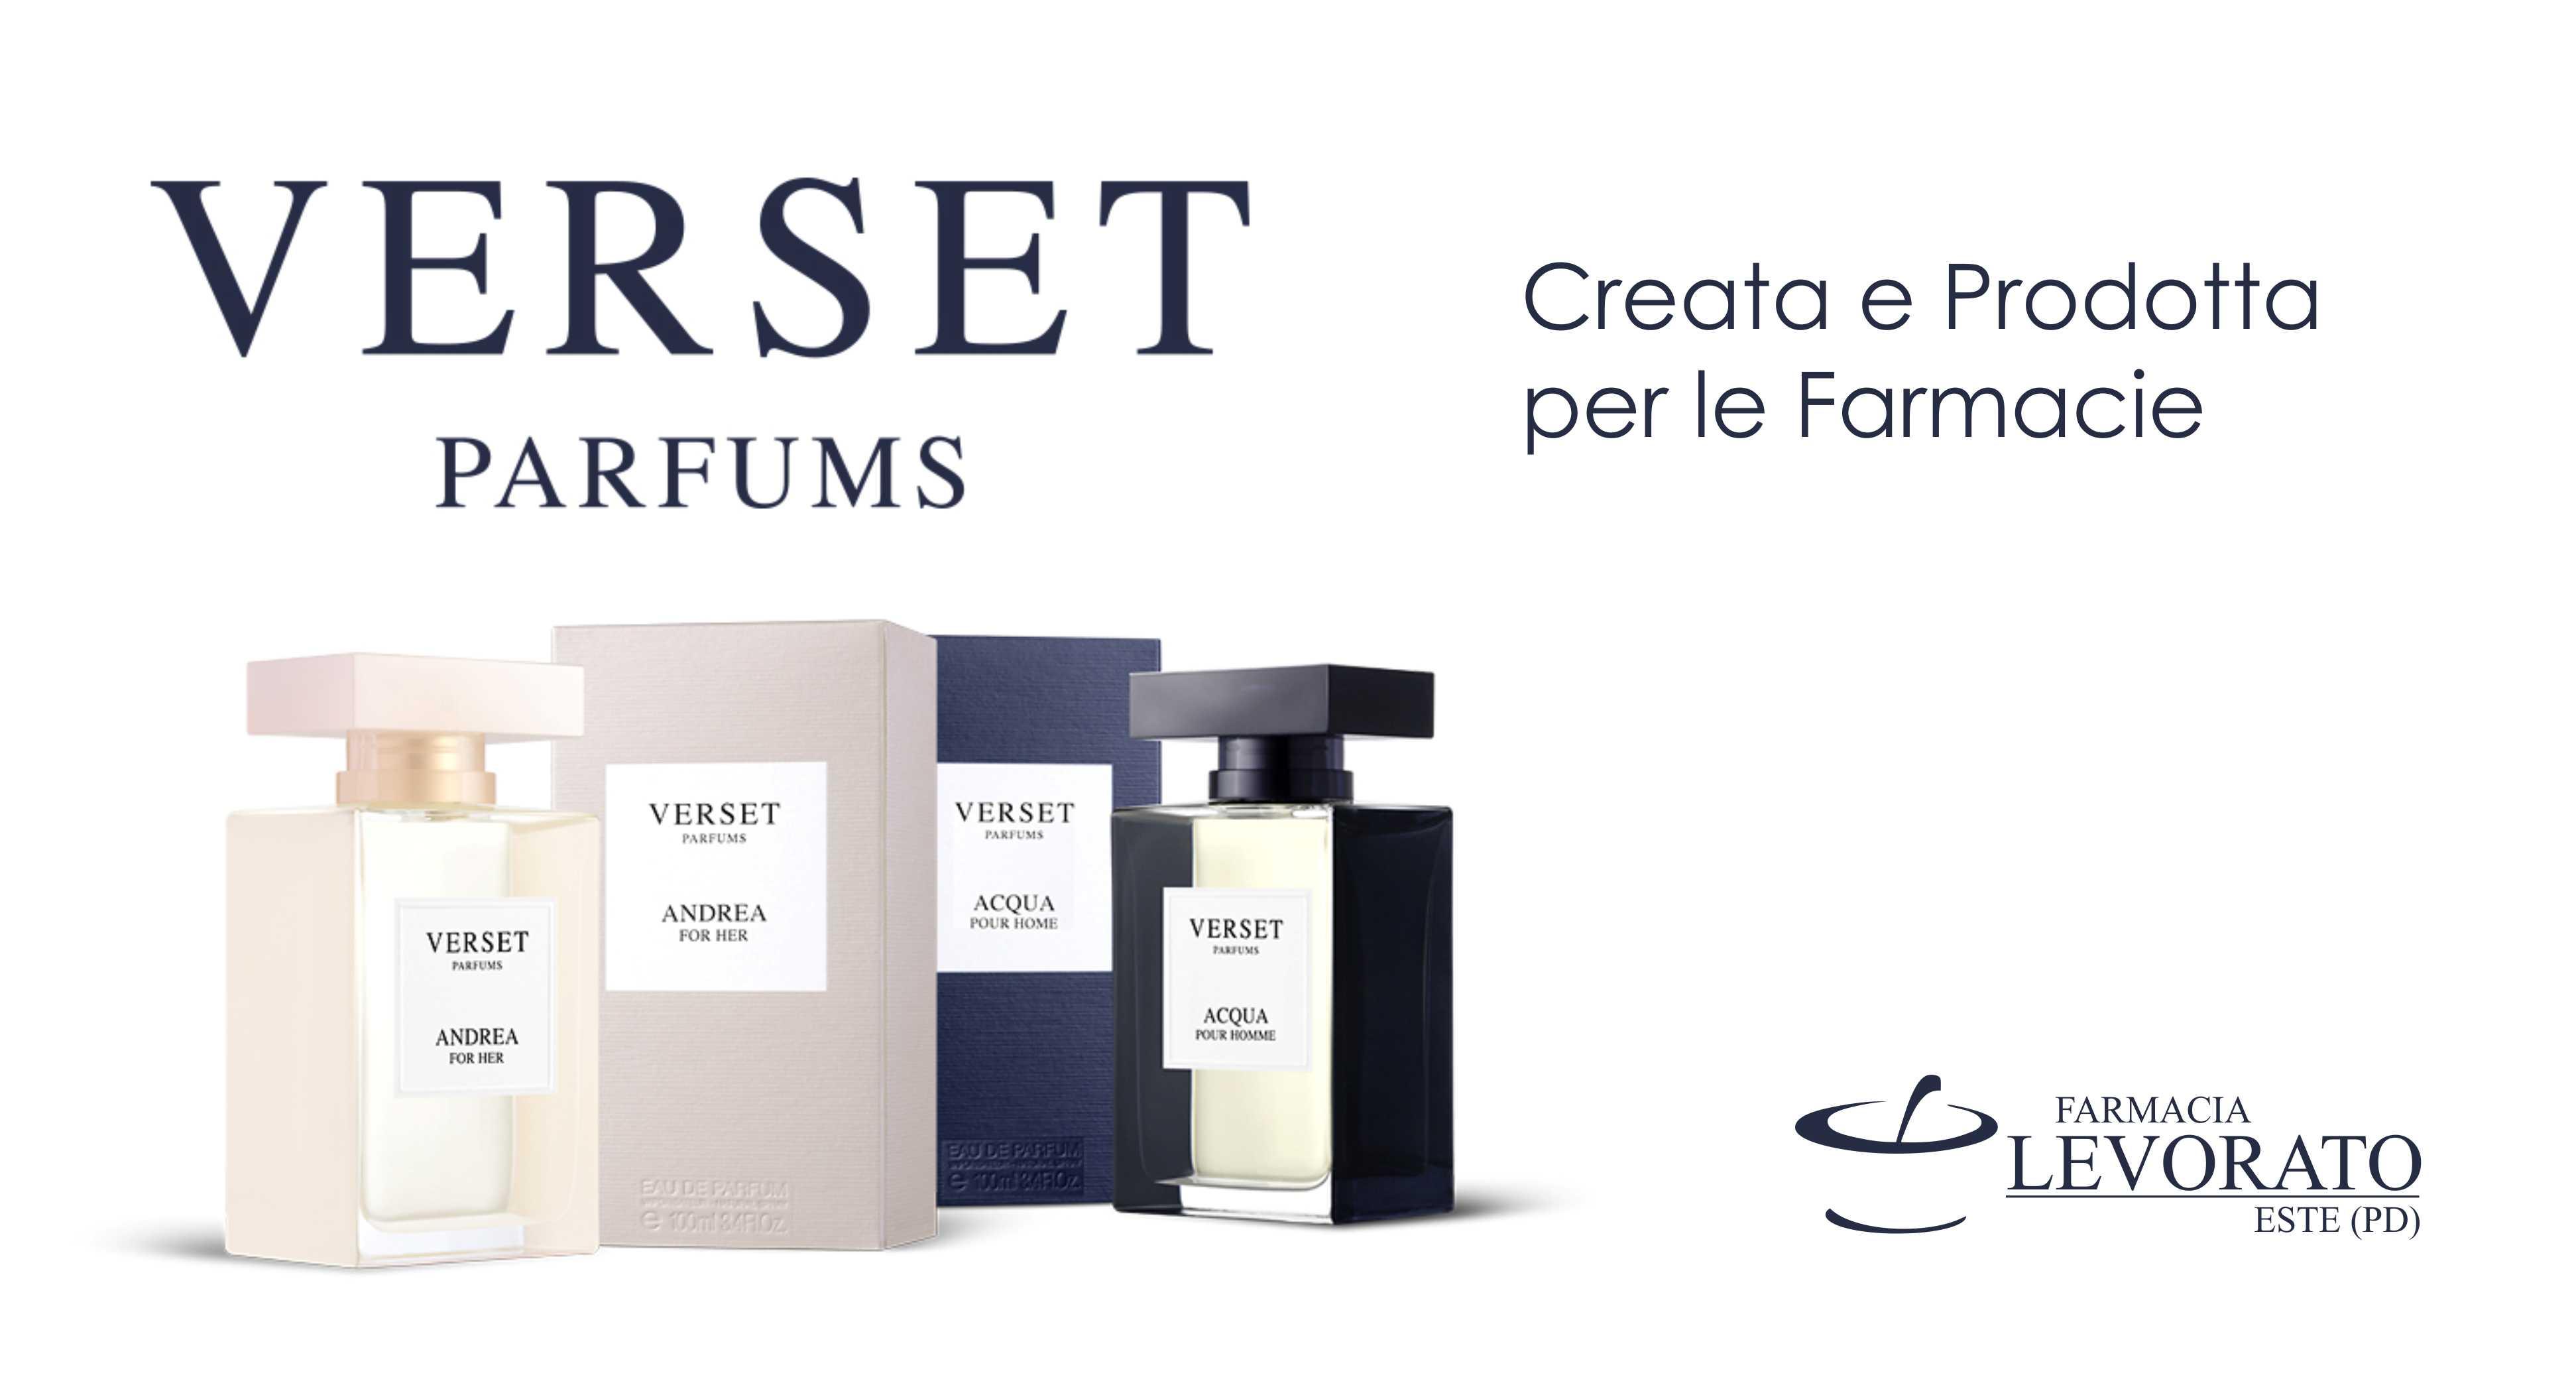 FarmacieFarmacia Per Parfums E Verset Prodotta Creata Le 80Nnwvm